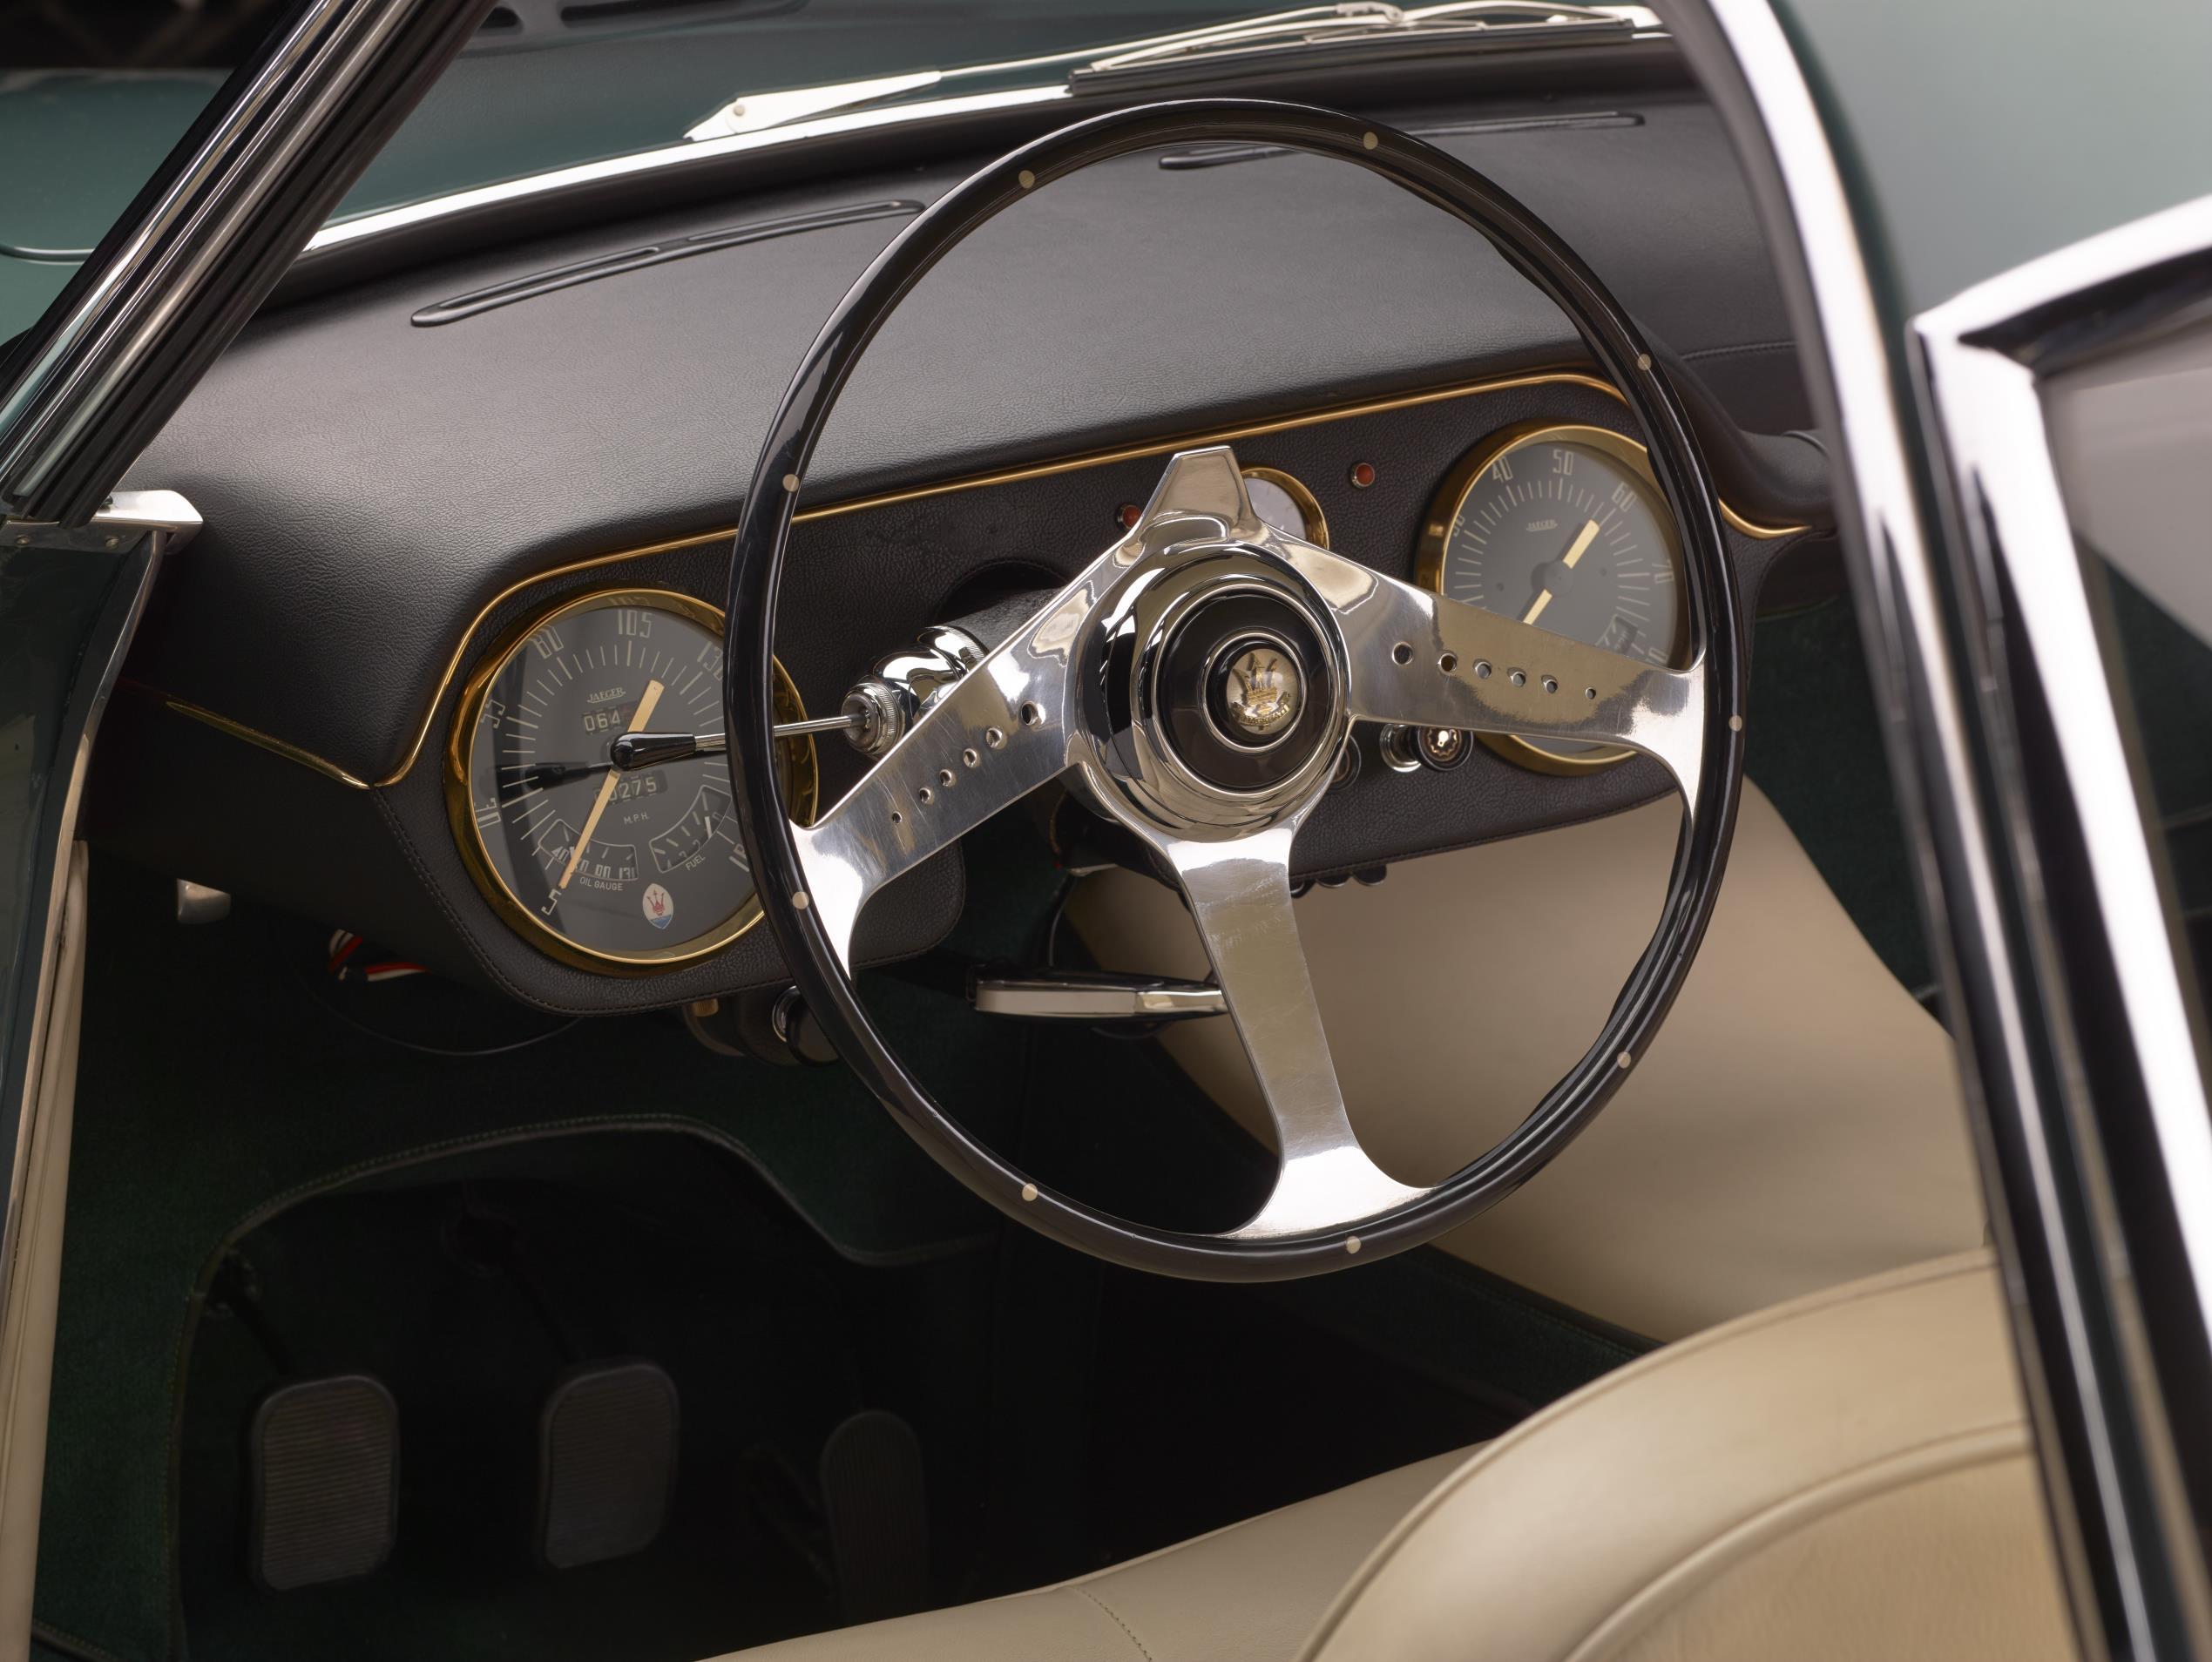 Cabine do Maserati mostra volante de aro fino com três raios cromados e mostradores de instrumentos circulares nas pontas do painel